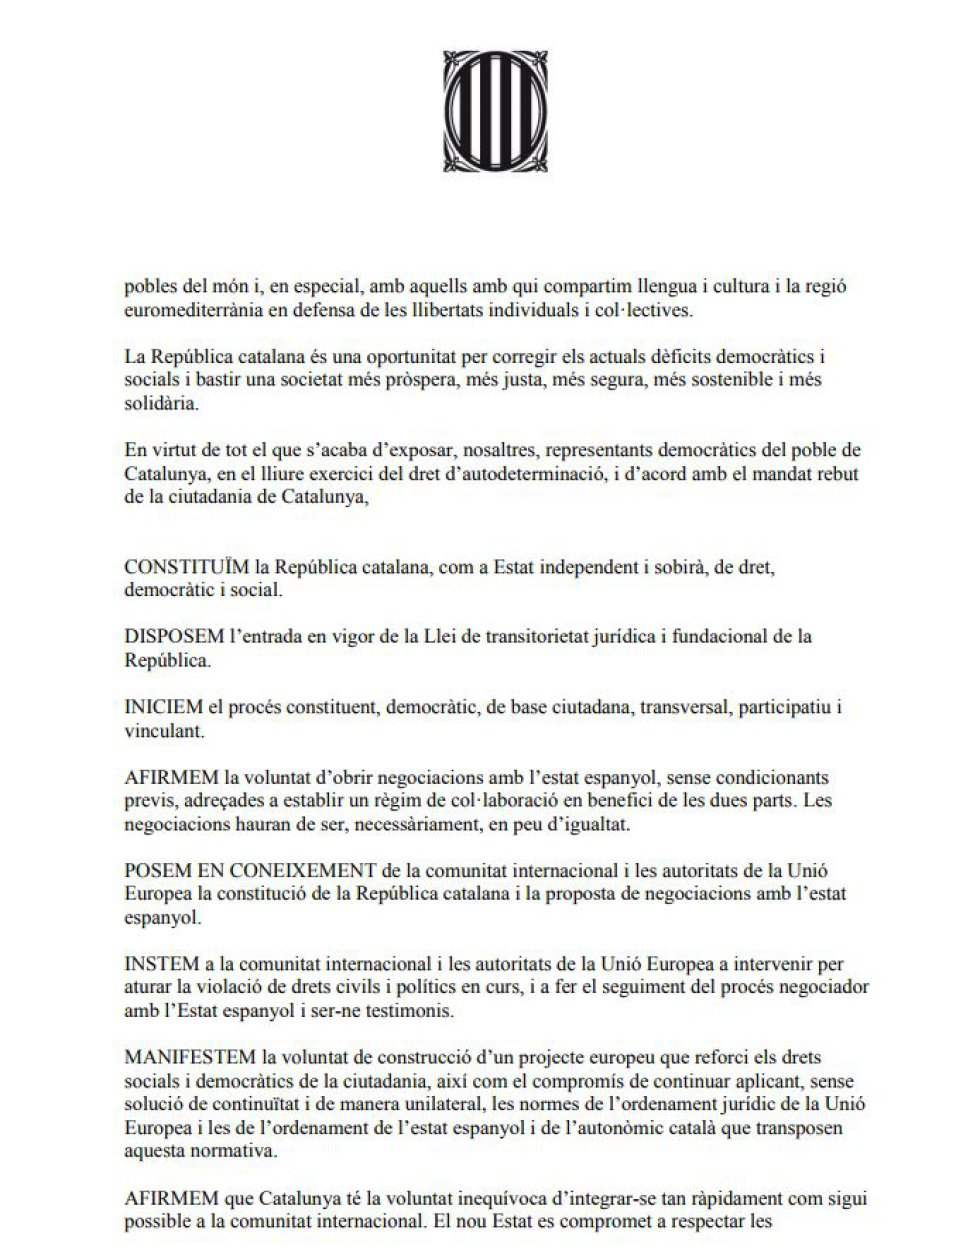 Declaración política de independencia del bloque soberanista firmada por el presidente del Govern, Carles Puigdemont; la presidenta del Parlament, Carme Forcadell, los miembros del Govern que son diputados y los parlamentarios de JxSí y la CUP tras el pleno celebrado en el Parlament catalán el 10 de octubre.